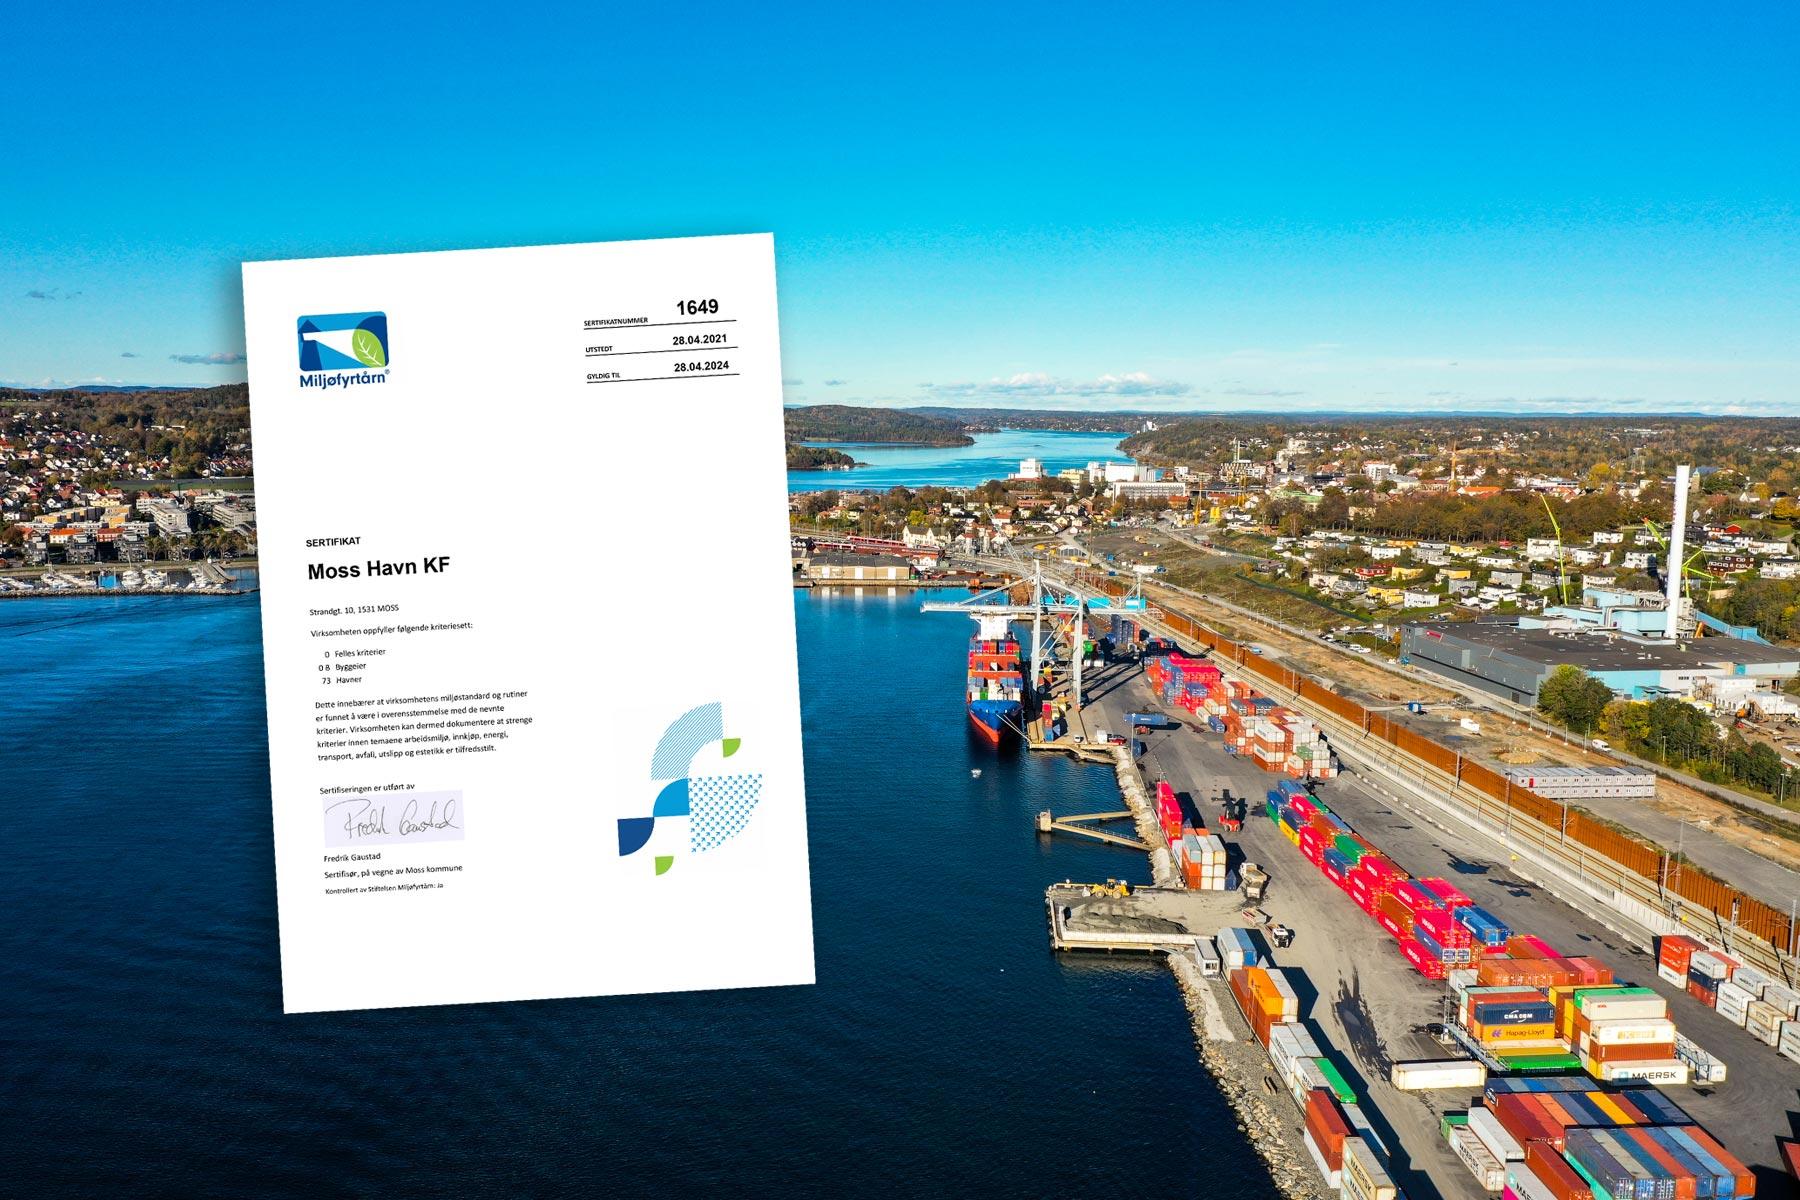 Moss-havn-miljøfyrtårn